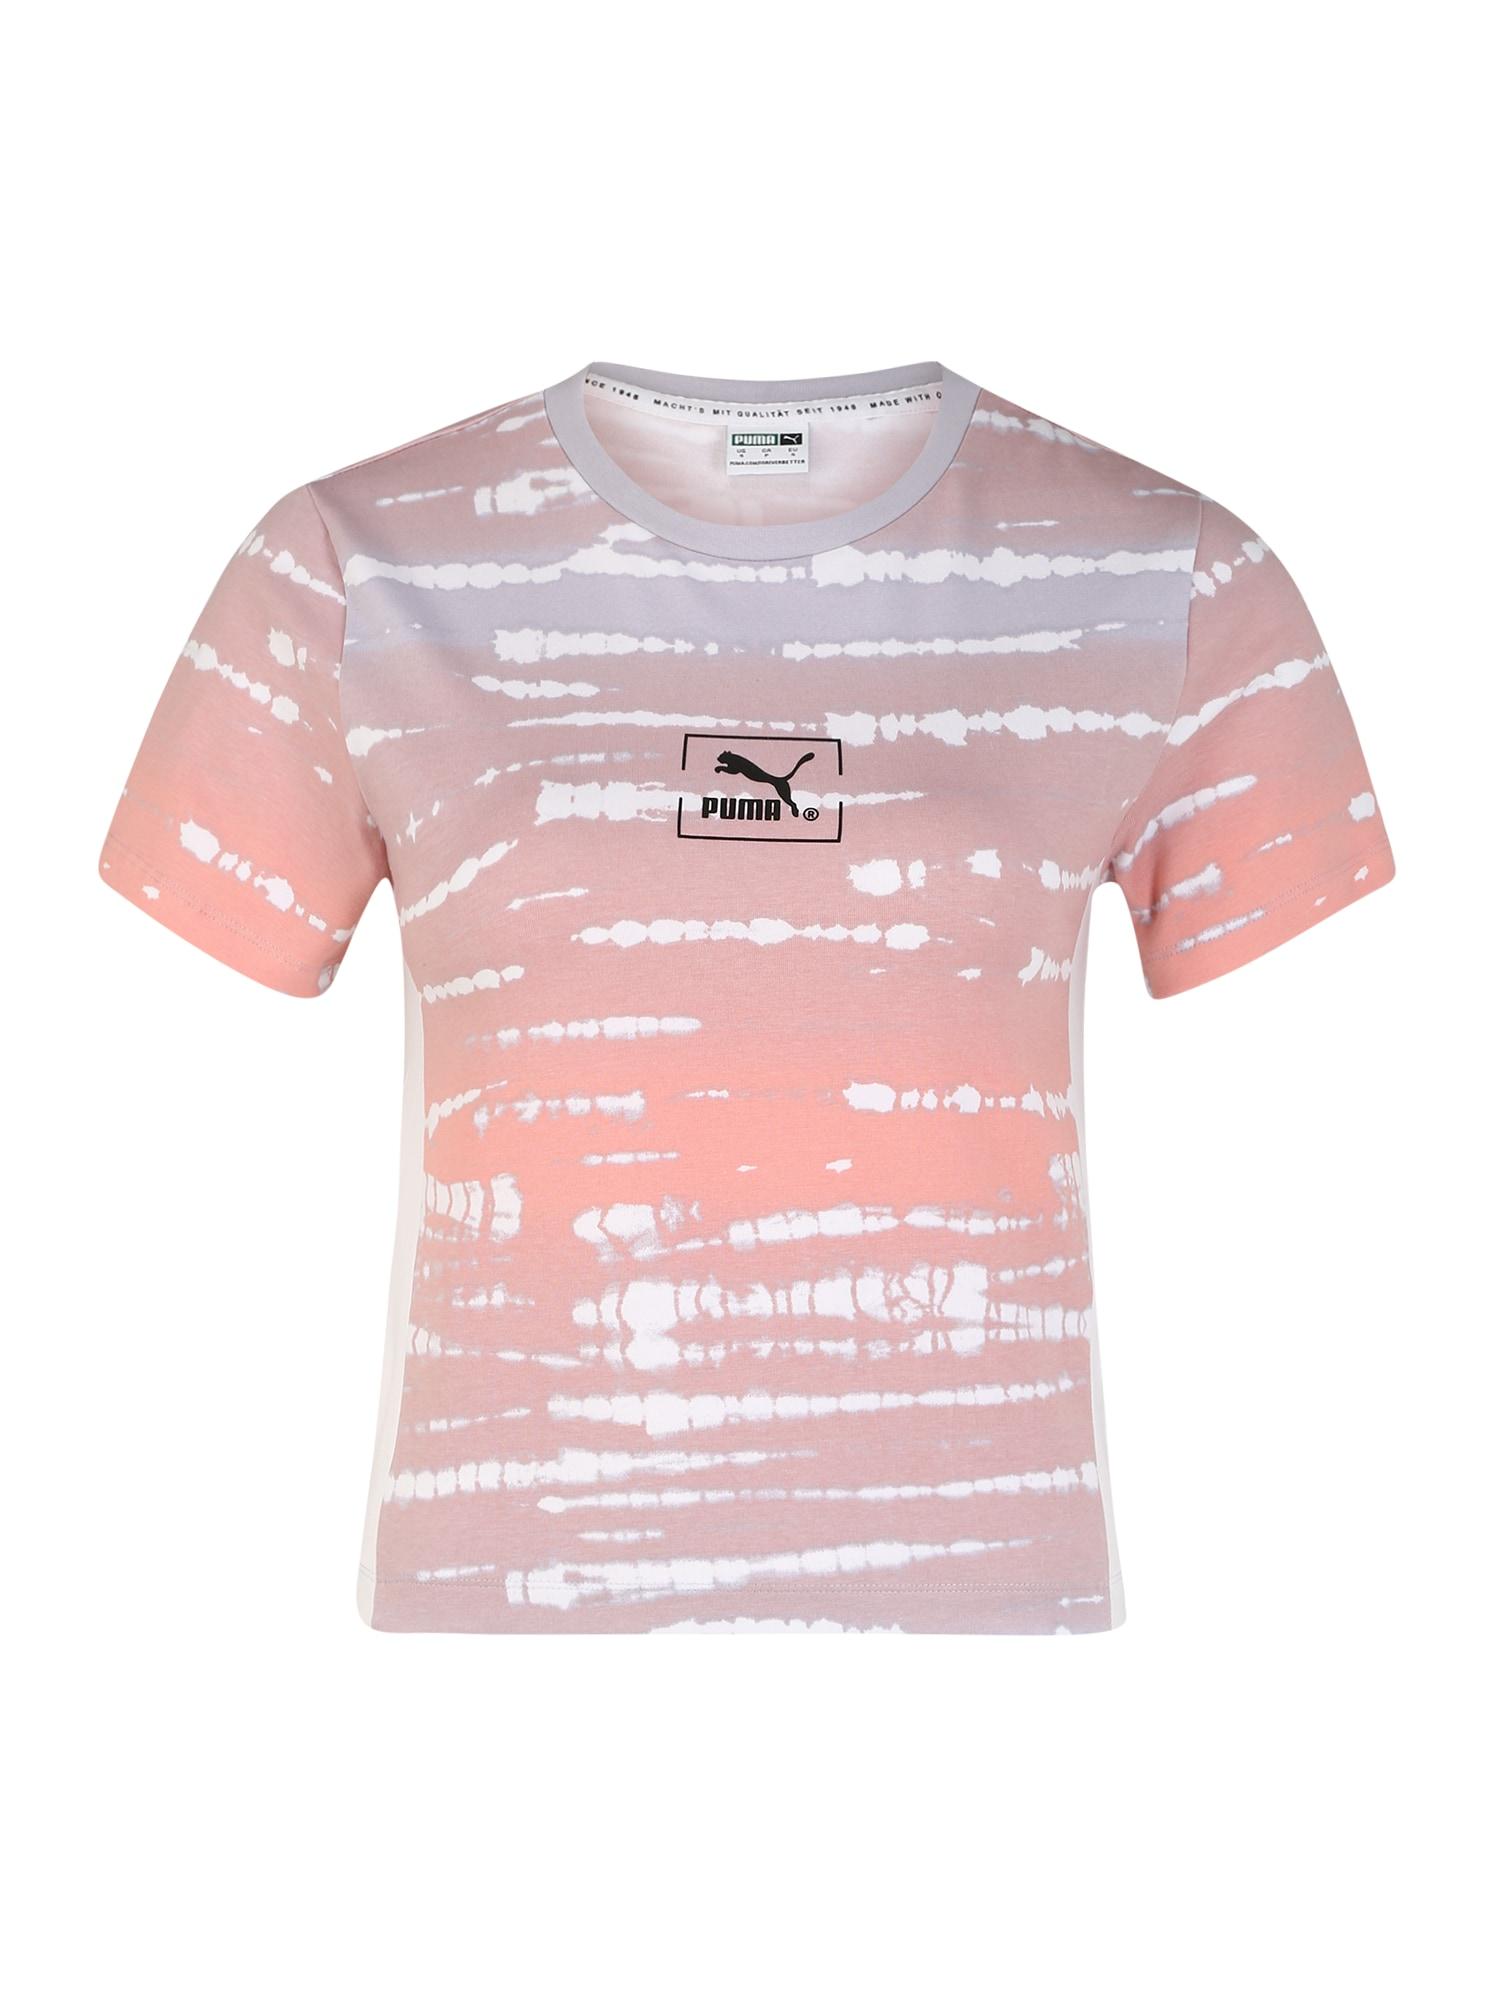 PUMA Sportiniai marškinėliai 'TIE DYE AOP Tee Wmns' oranžinė / alyvinė spalva